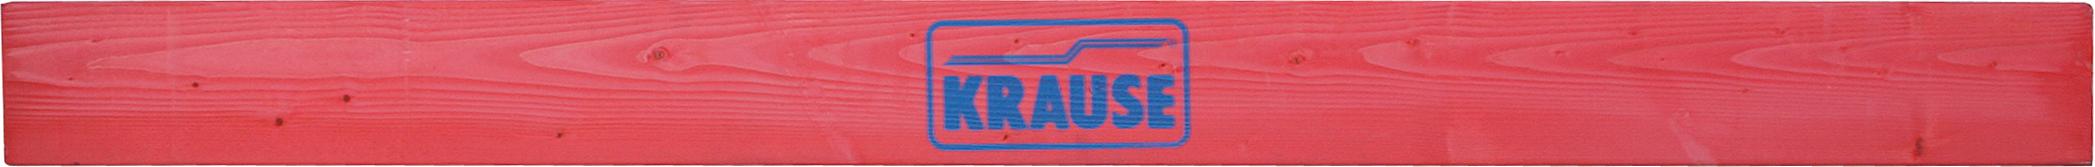 Krause Rollgerüst Längsbord